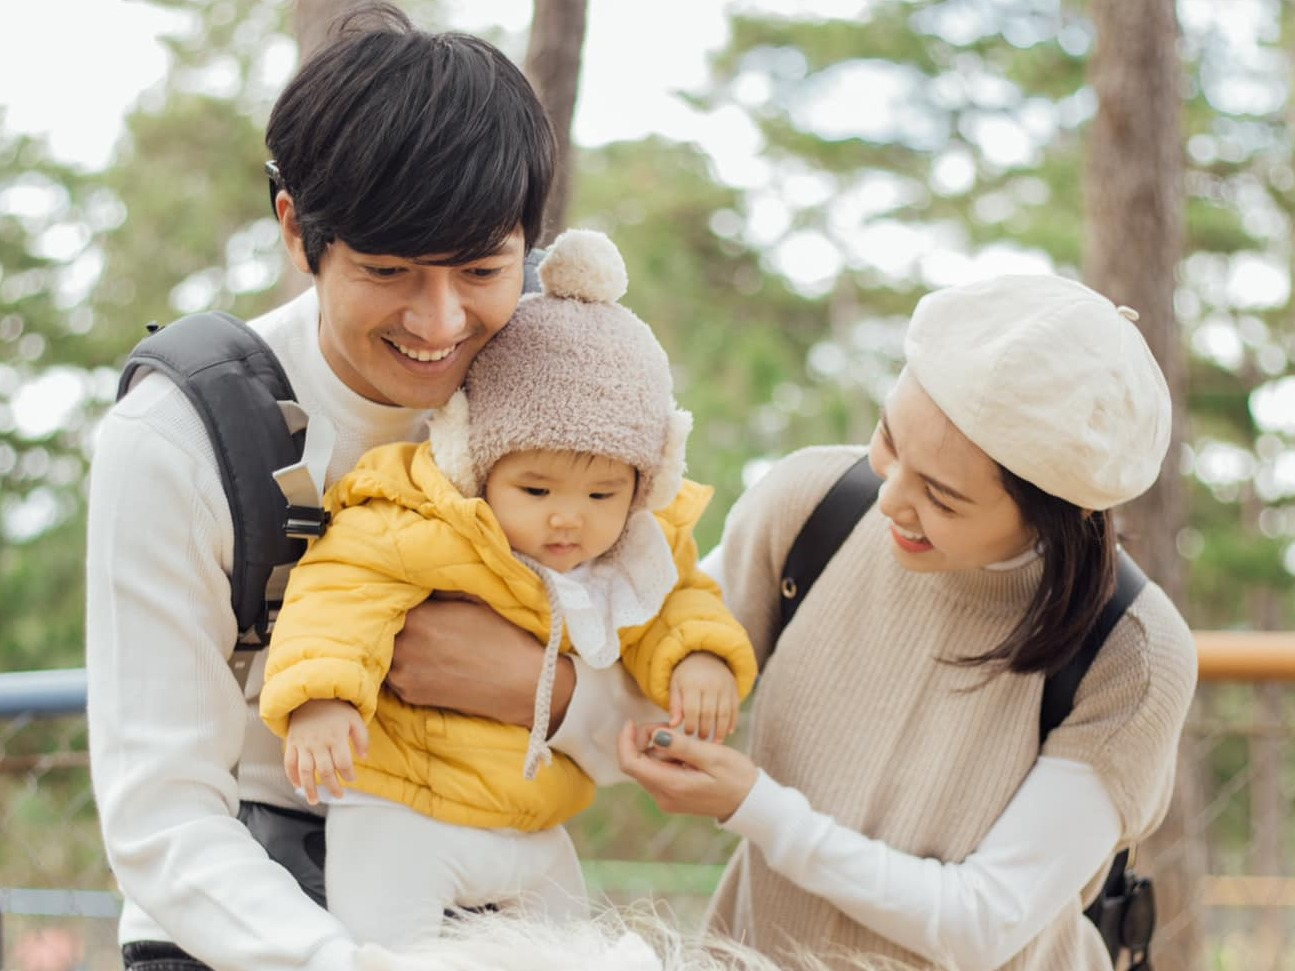 Trước loạt biểu cảm đáng yêu của con cưng nhà Quang Tuấn – Linh Phi, dân mạng thắc mắc: 'Xin lỗi, vẫn chưa thấy ra con gái'